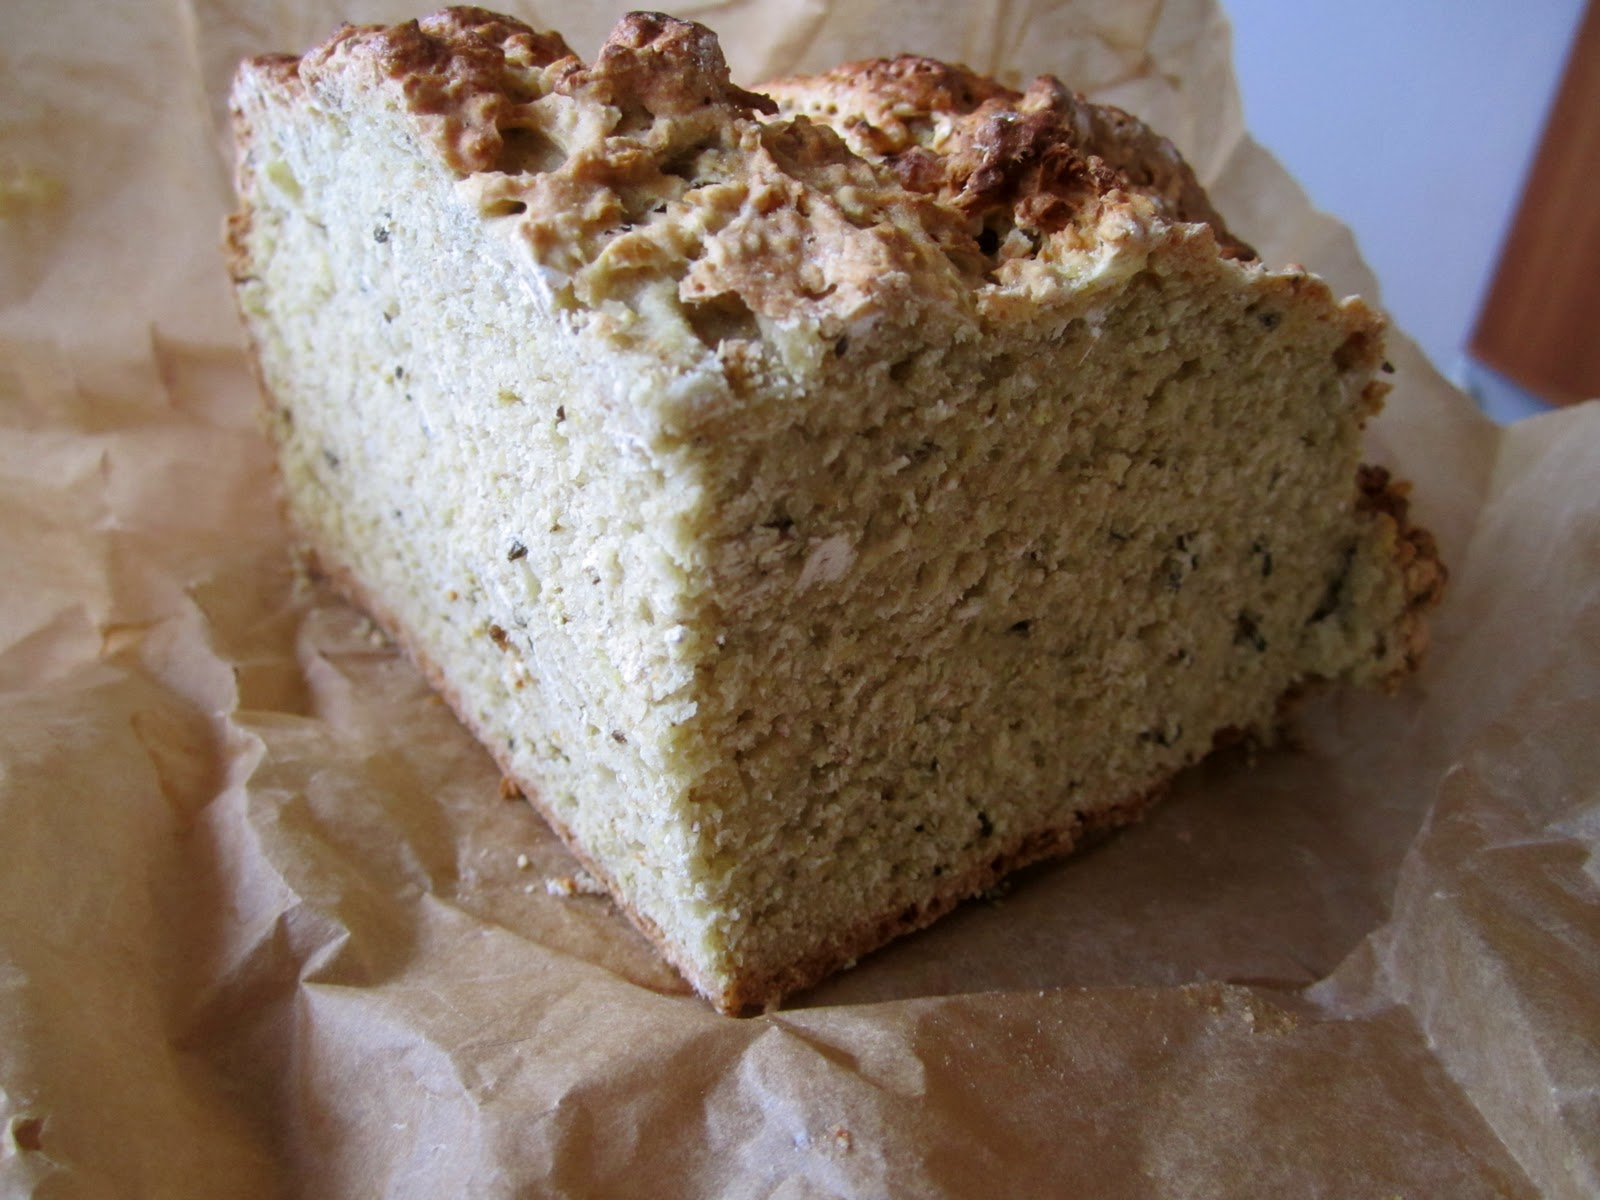 Eating in Denmark: Oat Soda Bread